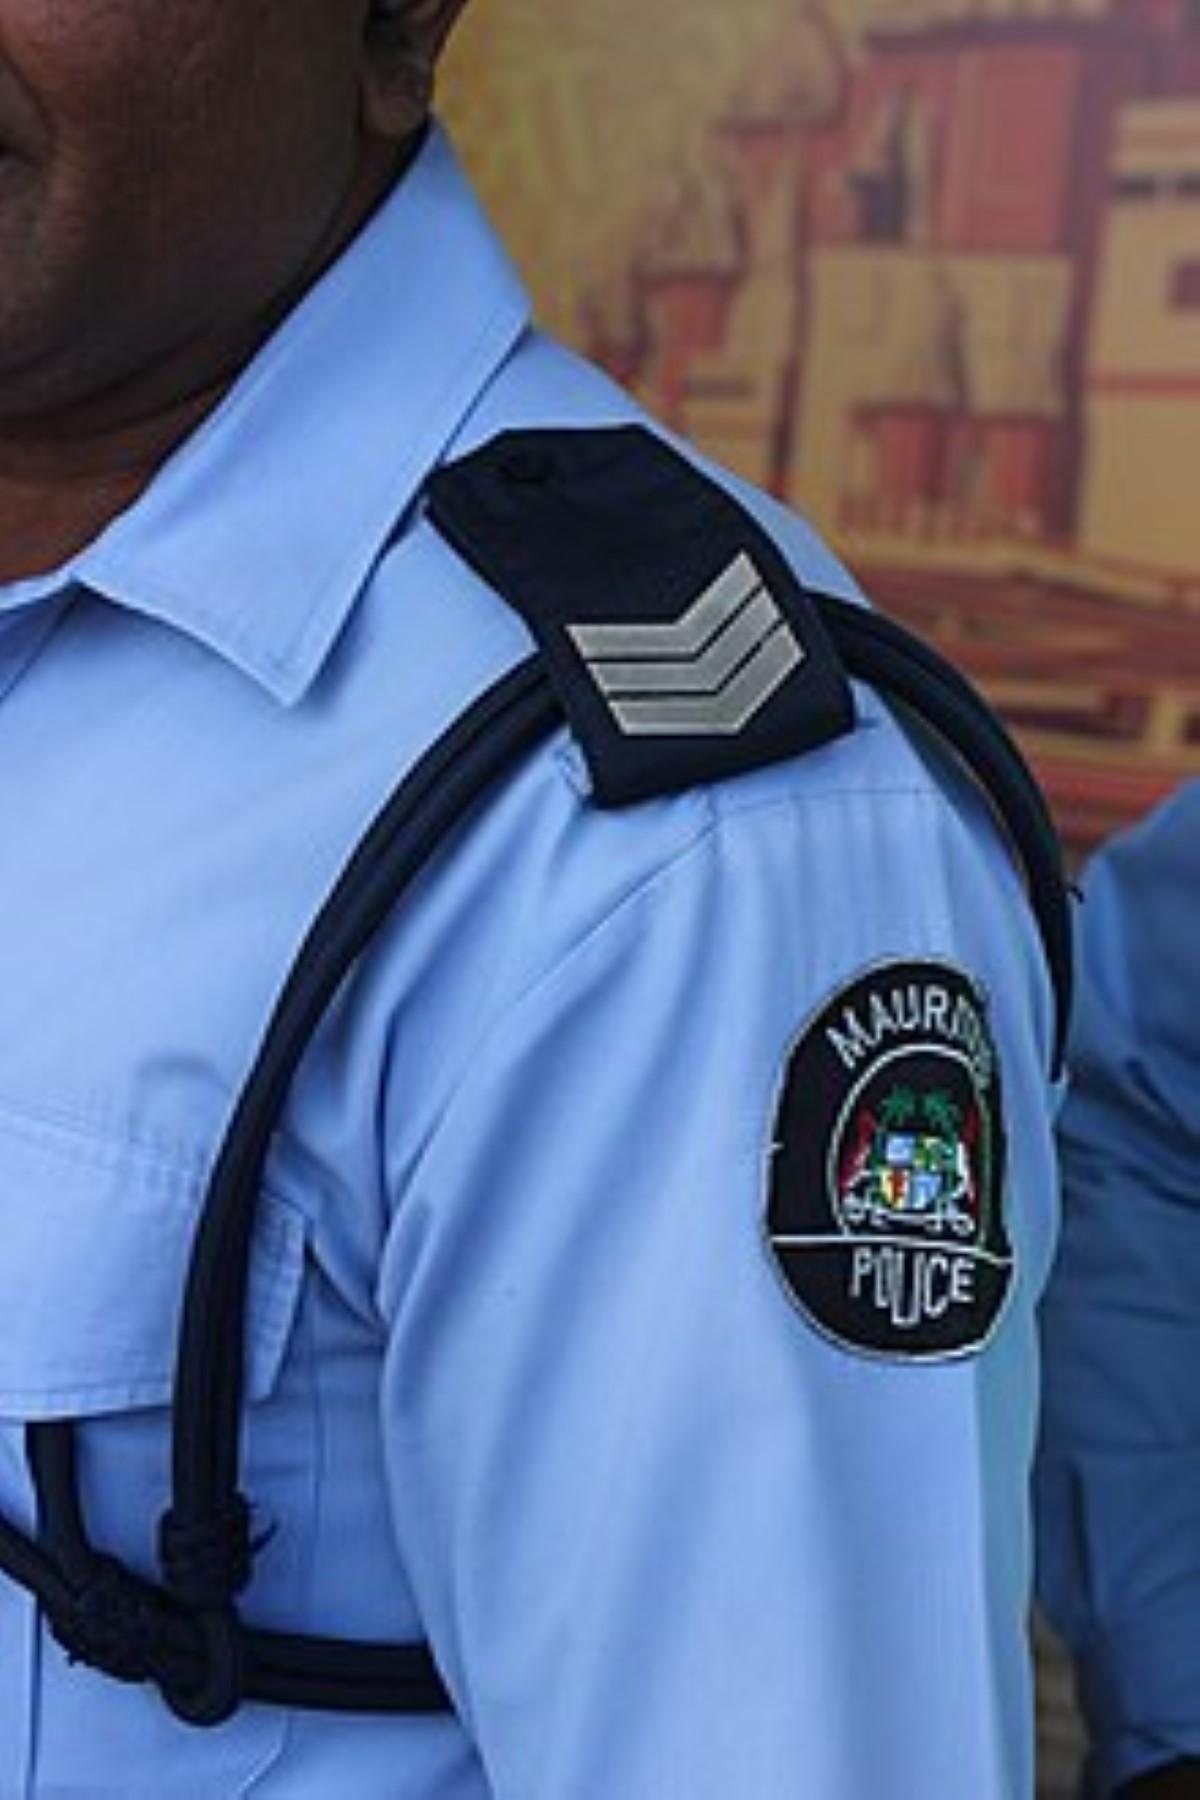 Flics en délire…saison 2